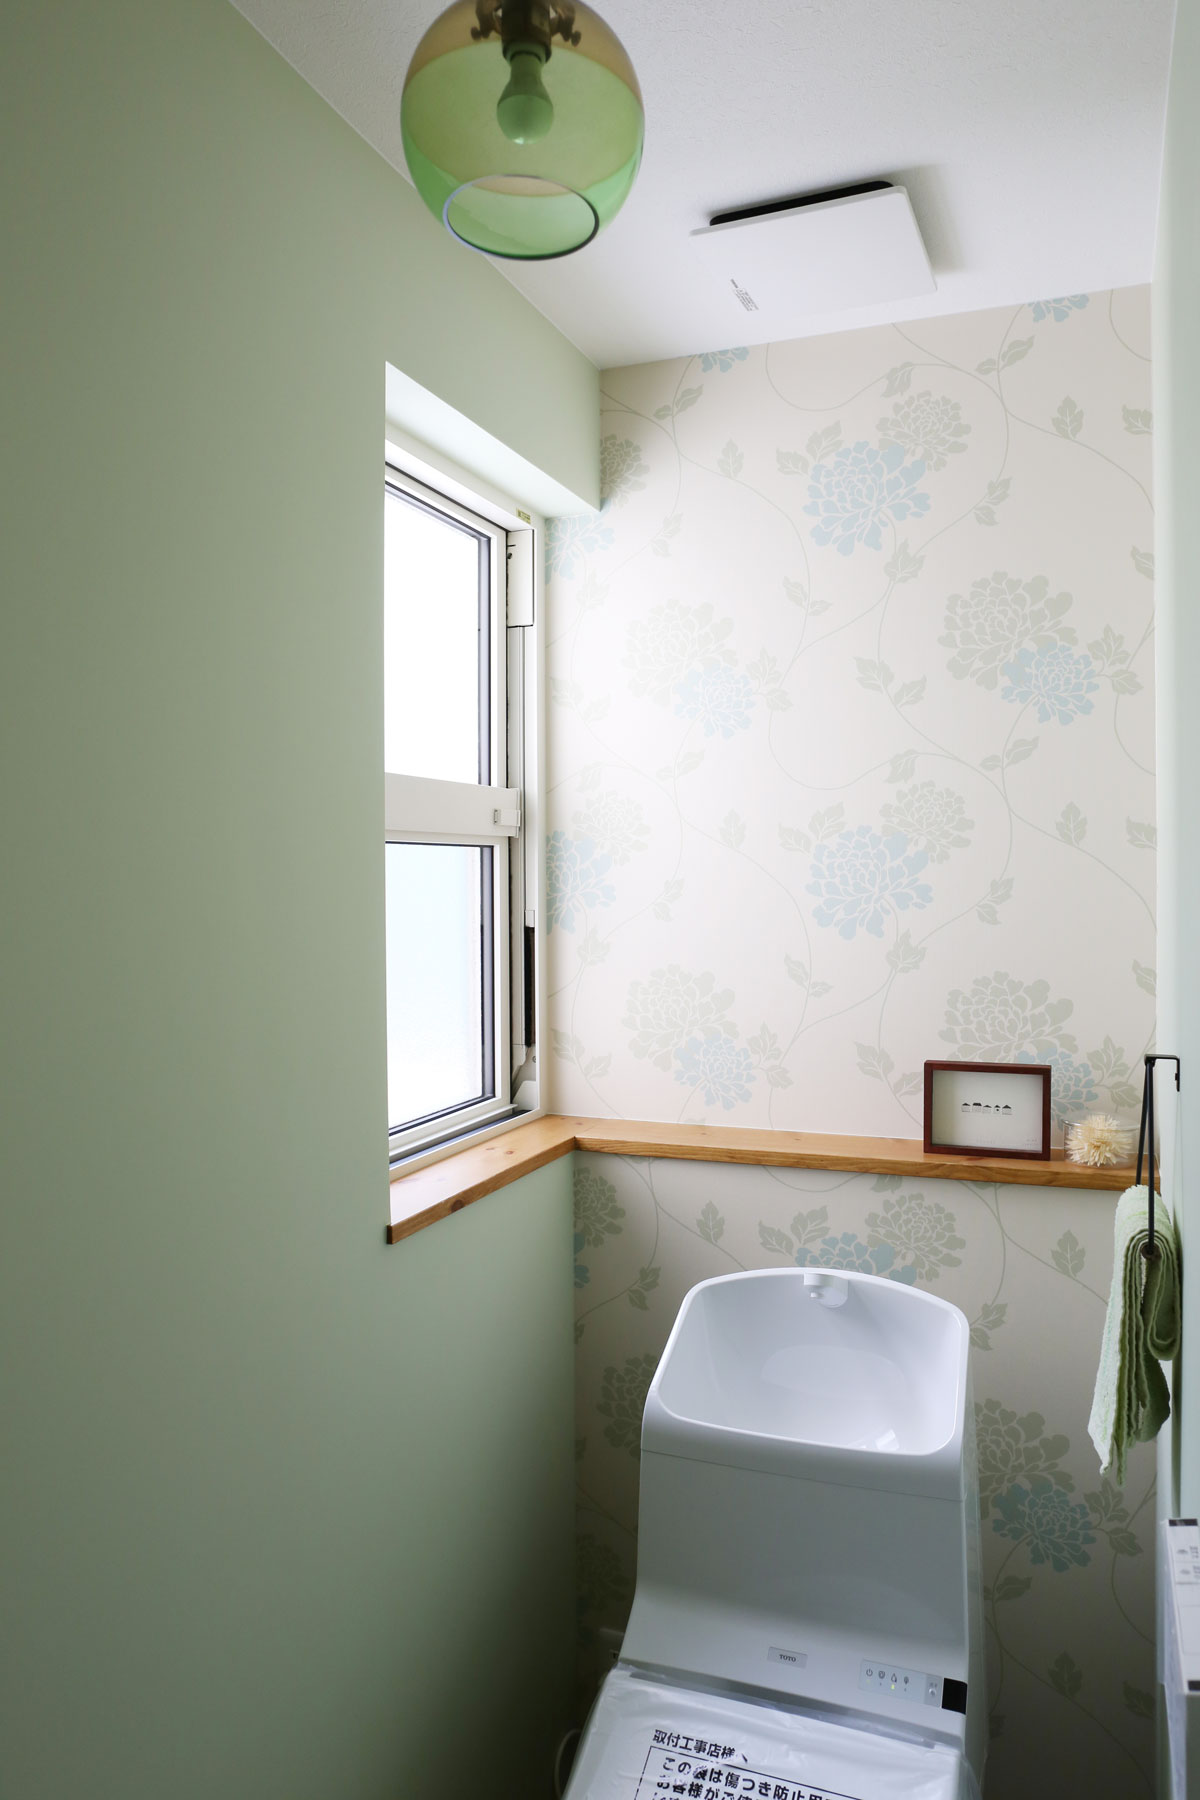 グリーンの壁紙をアクセントにしたかわいいトイレ